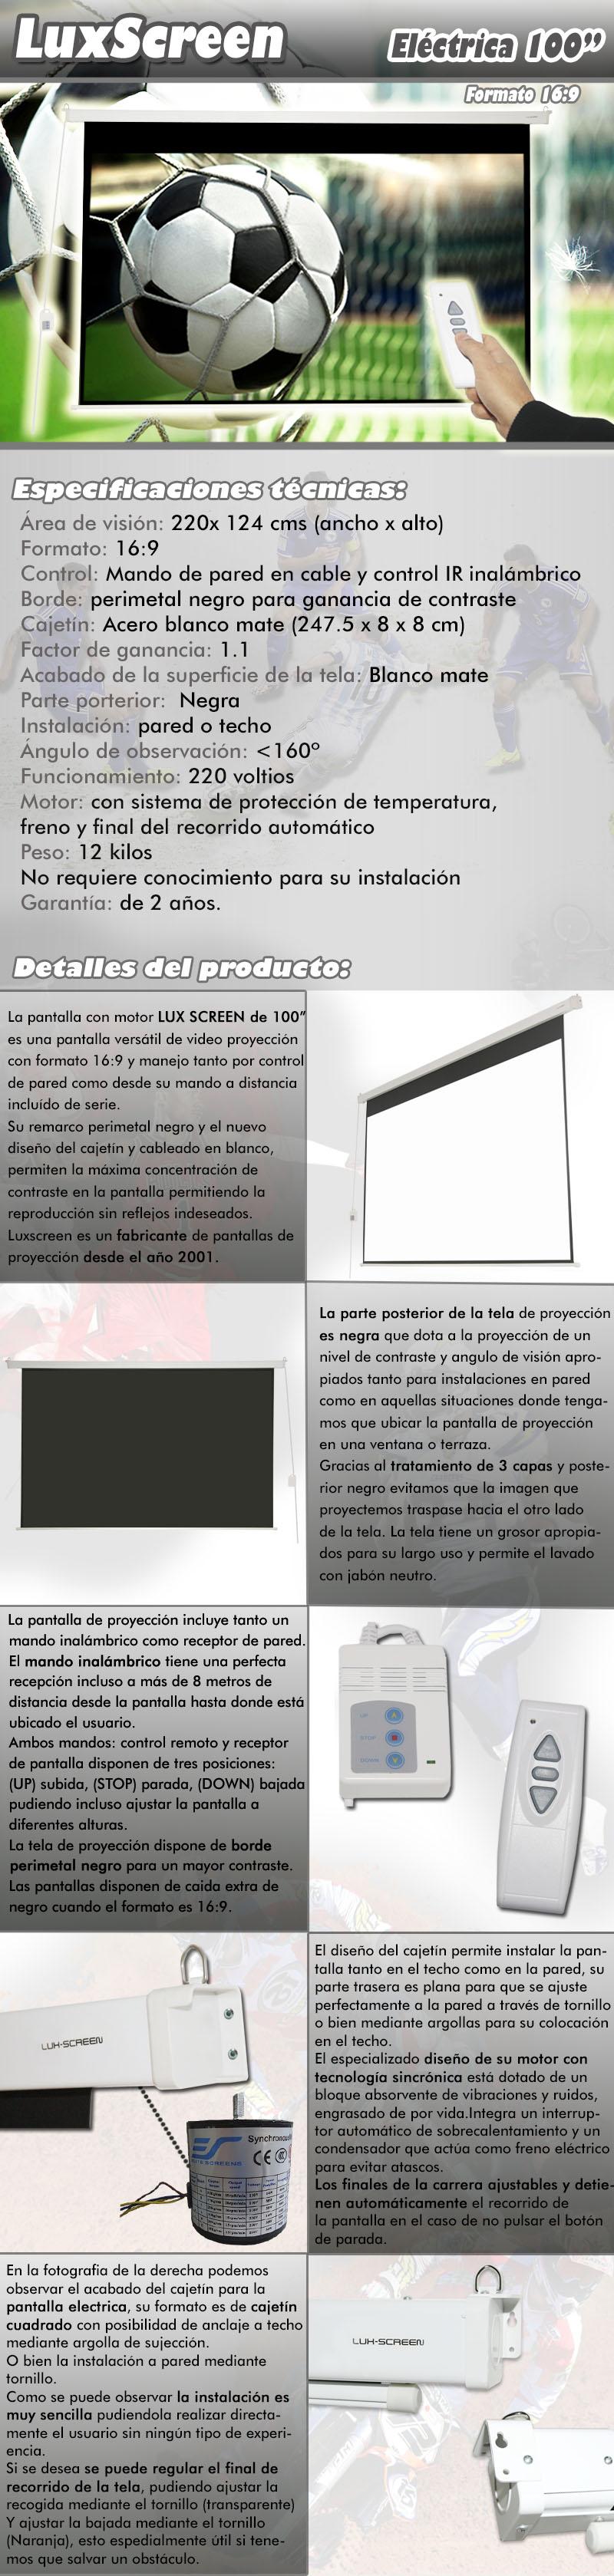 pantalla electrica de 100 pulgadas 16:9, dispone de parte trasera negra, borde perimetal negro para una mayor concentracion de contraste, ganancia de brillo 1:1, ideal para proyectores formato full hd y hd